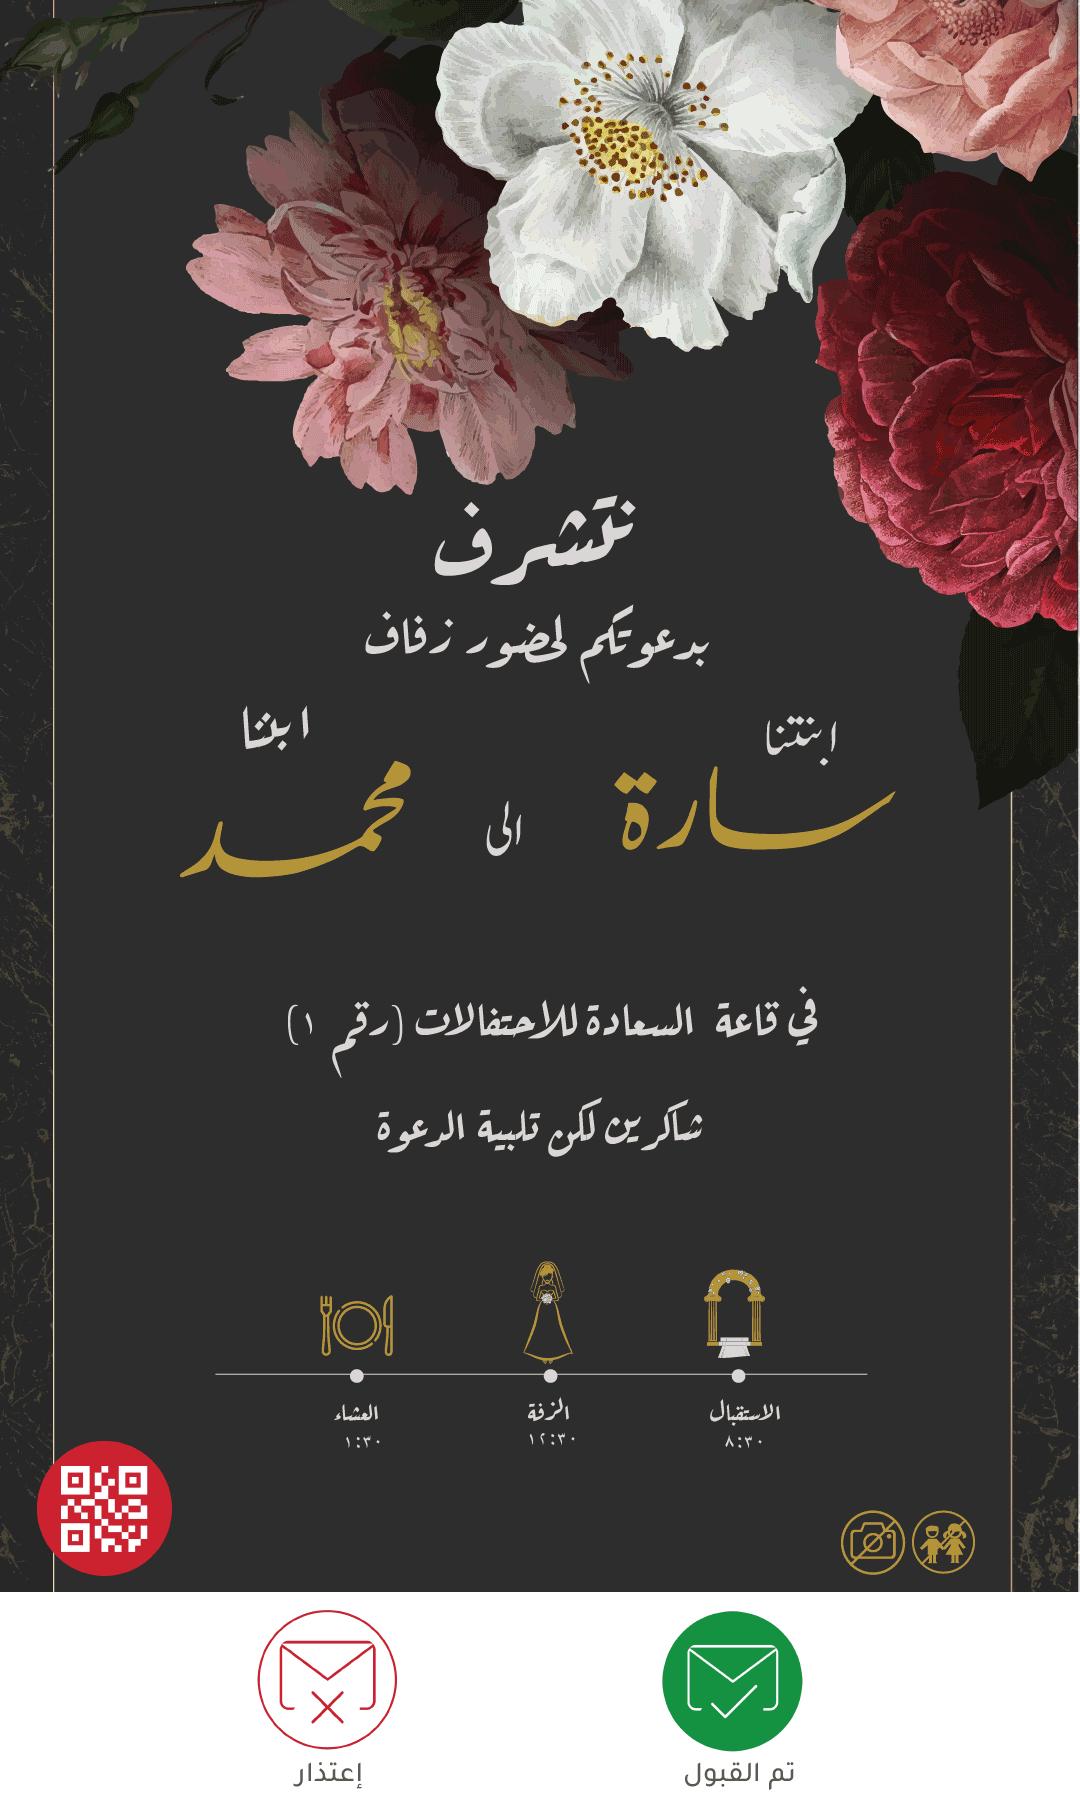 دعوة إلكتونية من حيهم Digital Invitations Wedding Clear Wedding Invitations Floral Cards Design